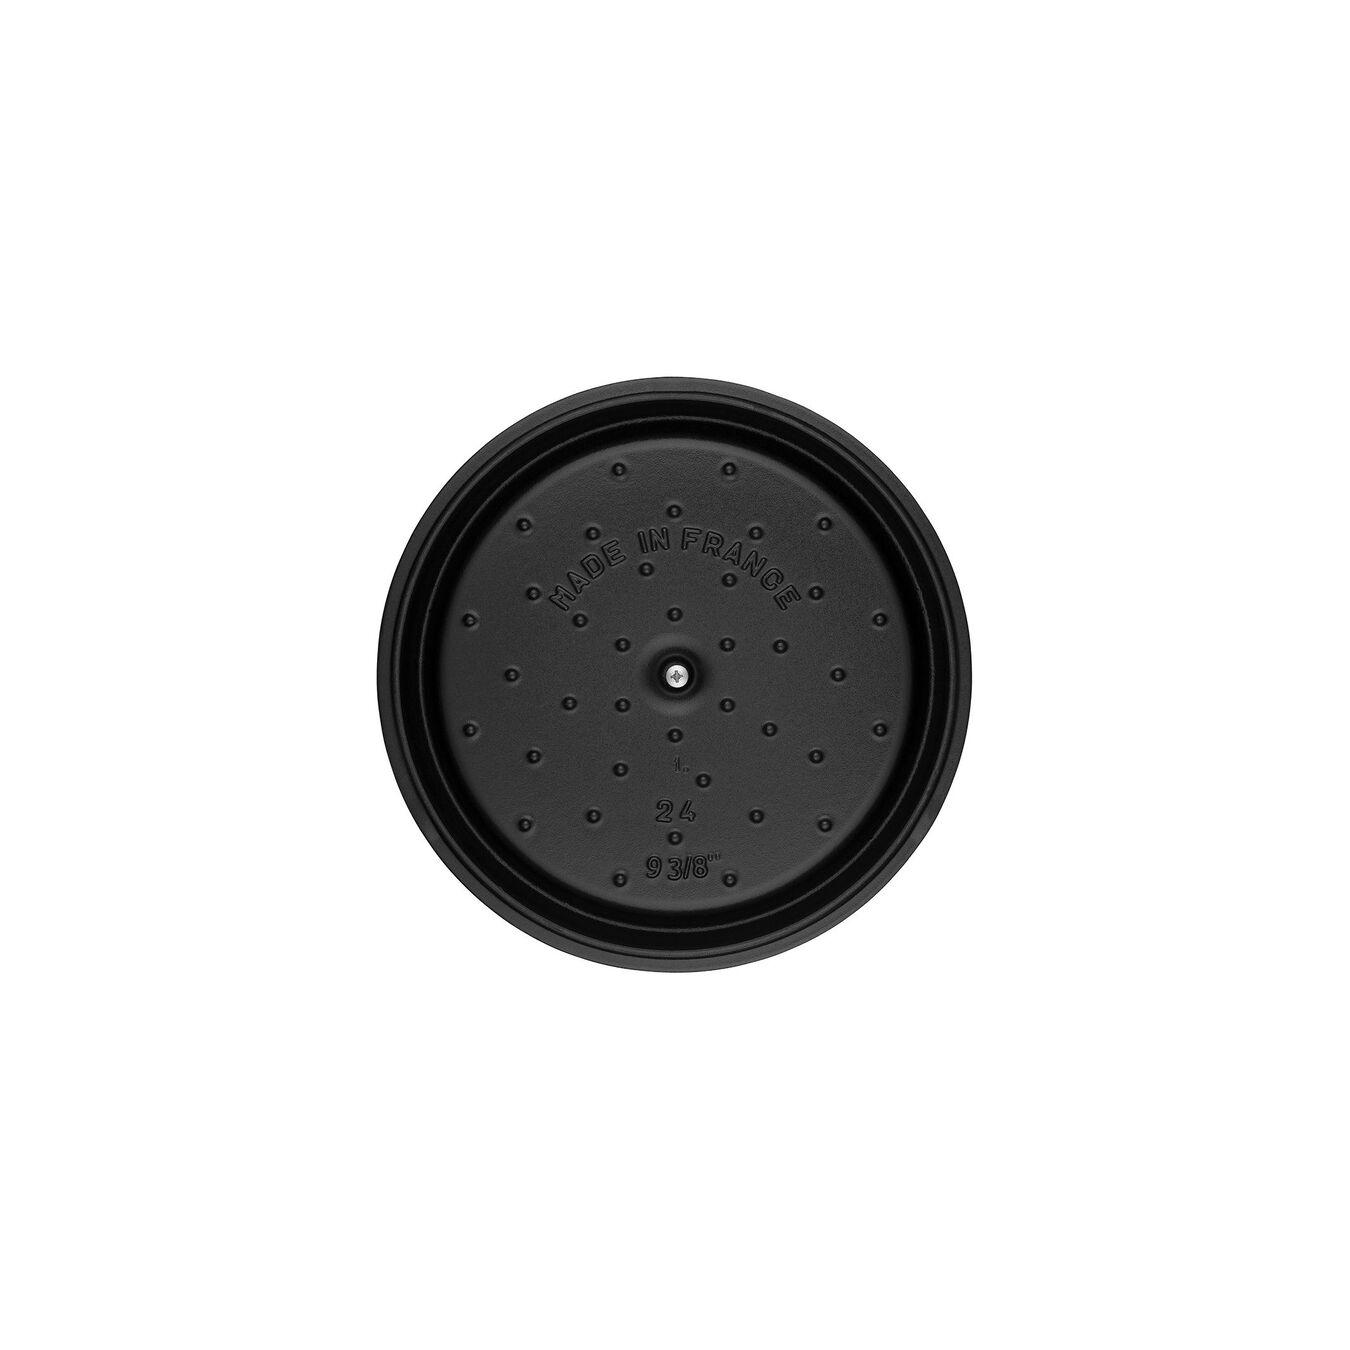 4-qt Round Cocotte - Matte Black,,large 6